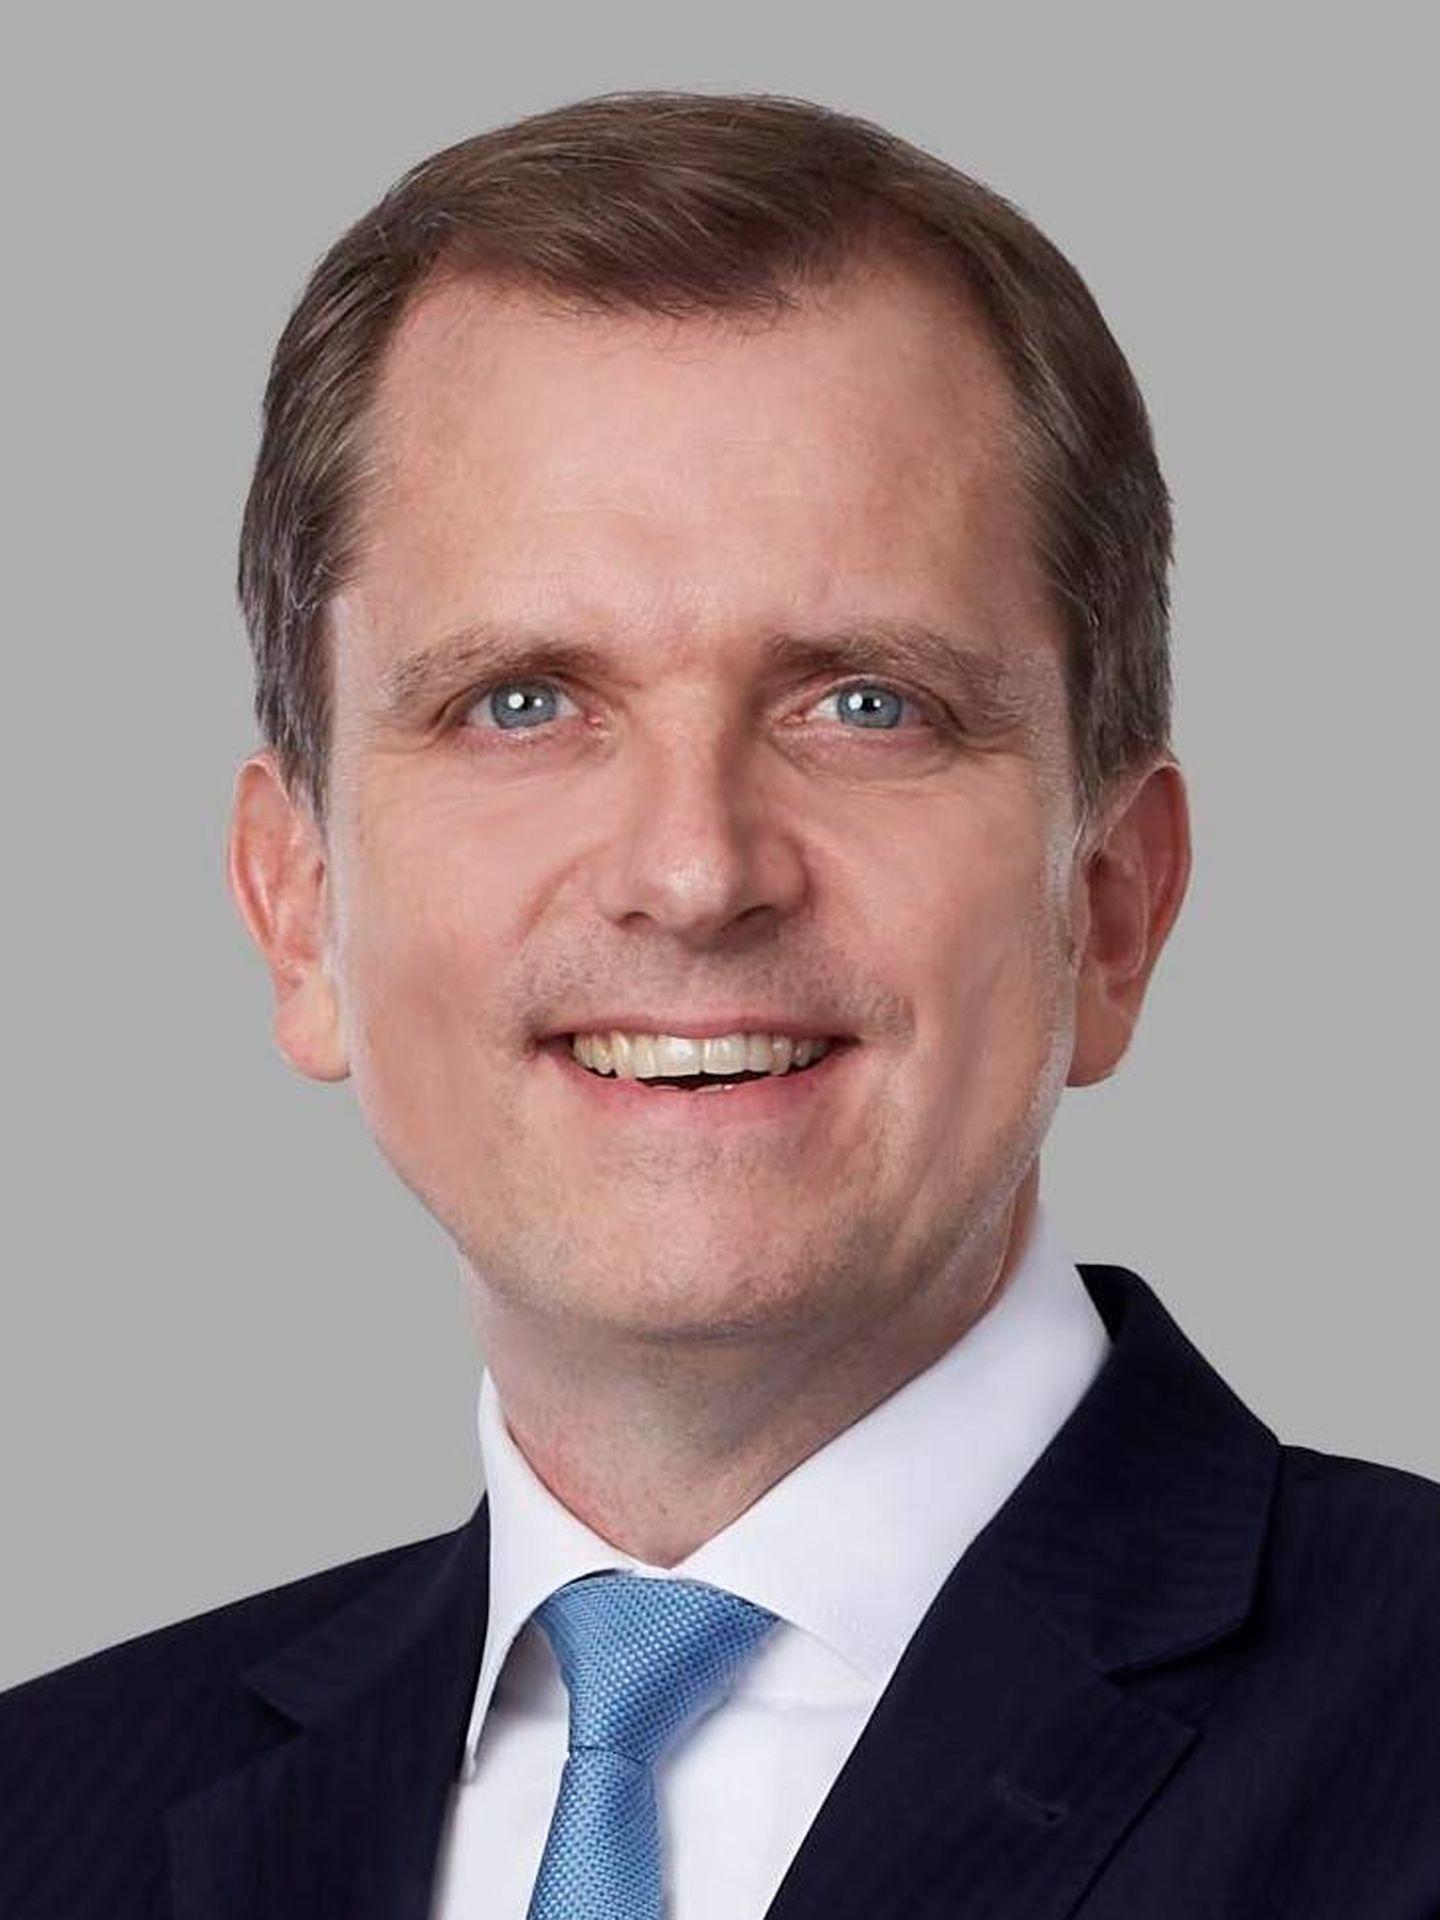 Roel Huisman, nuevo consejero delegado de ING en España y Portugal (ING)